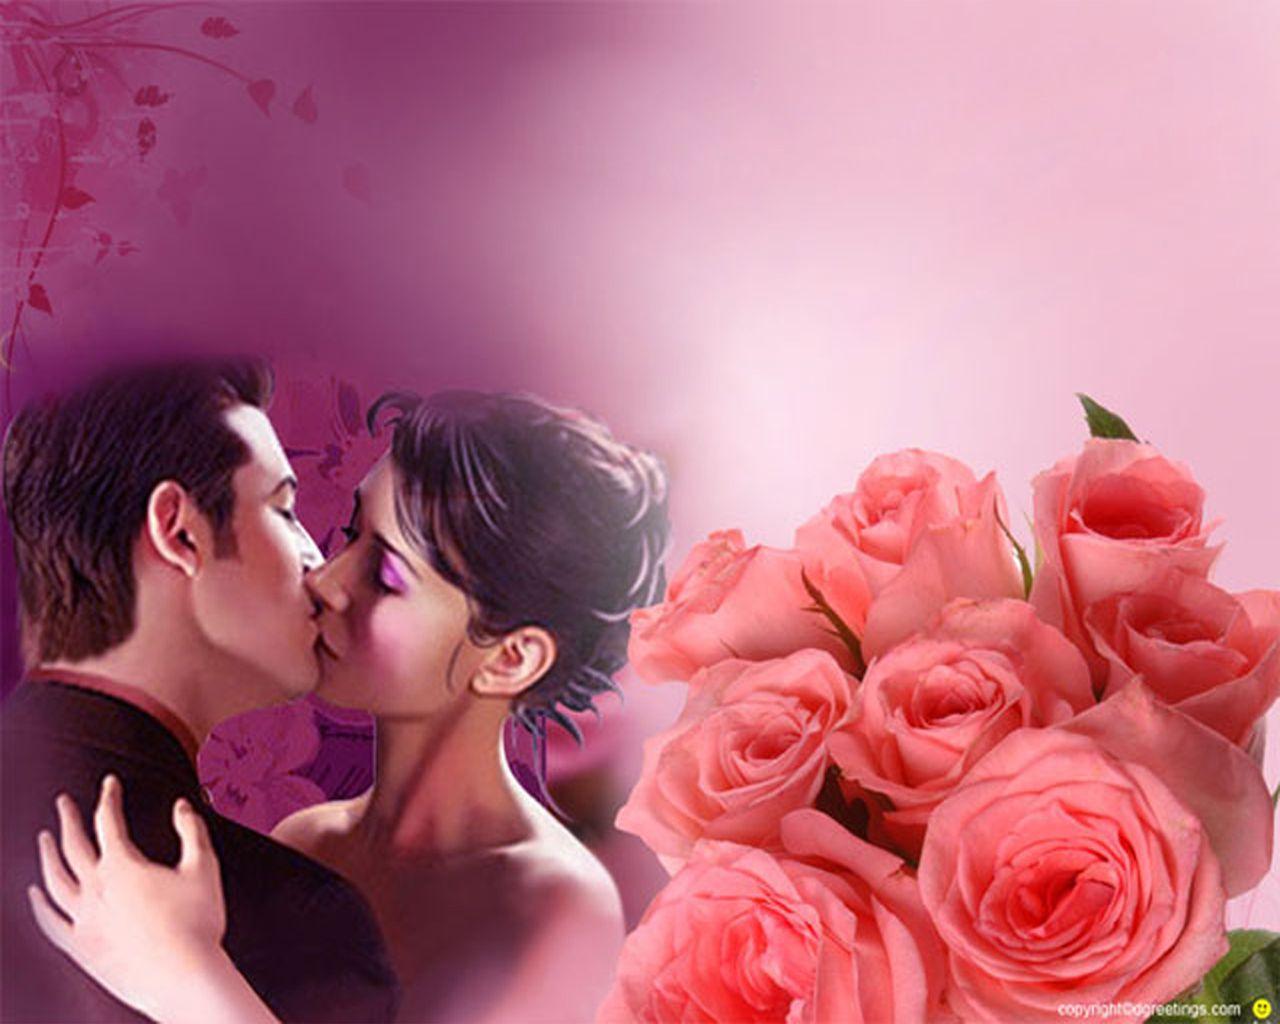 Красивы романтические открытки парню, девушке. Открытки влюбленным натурам 58